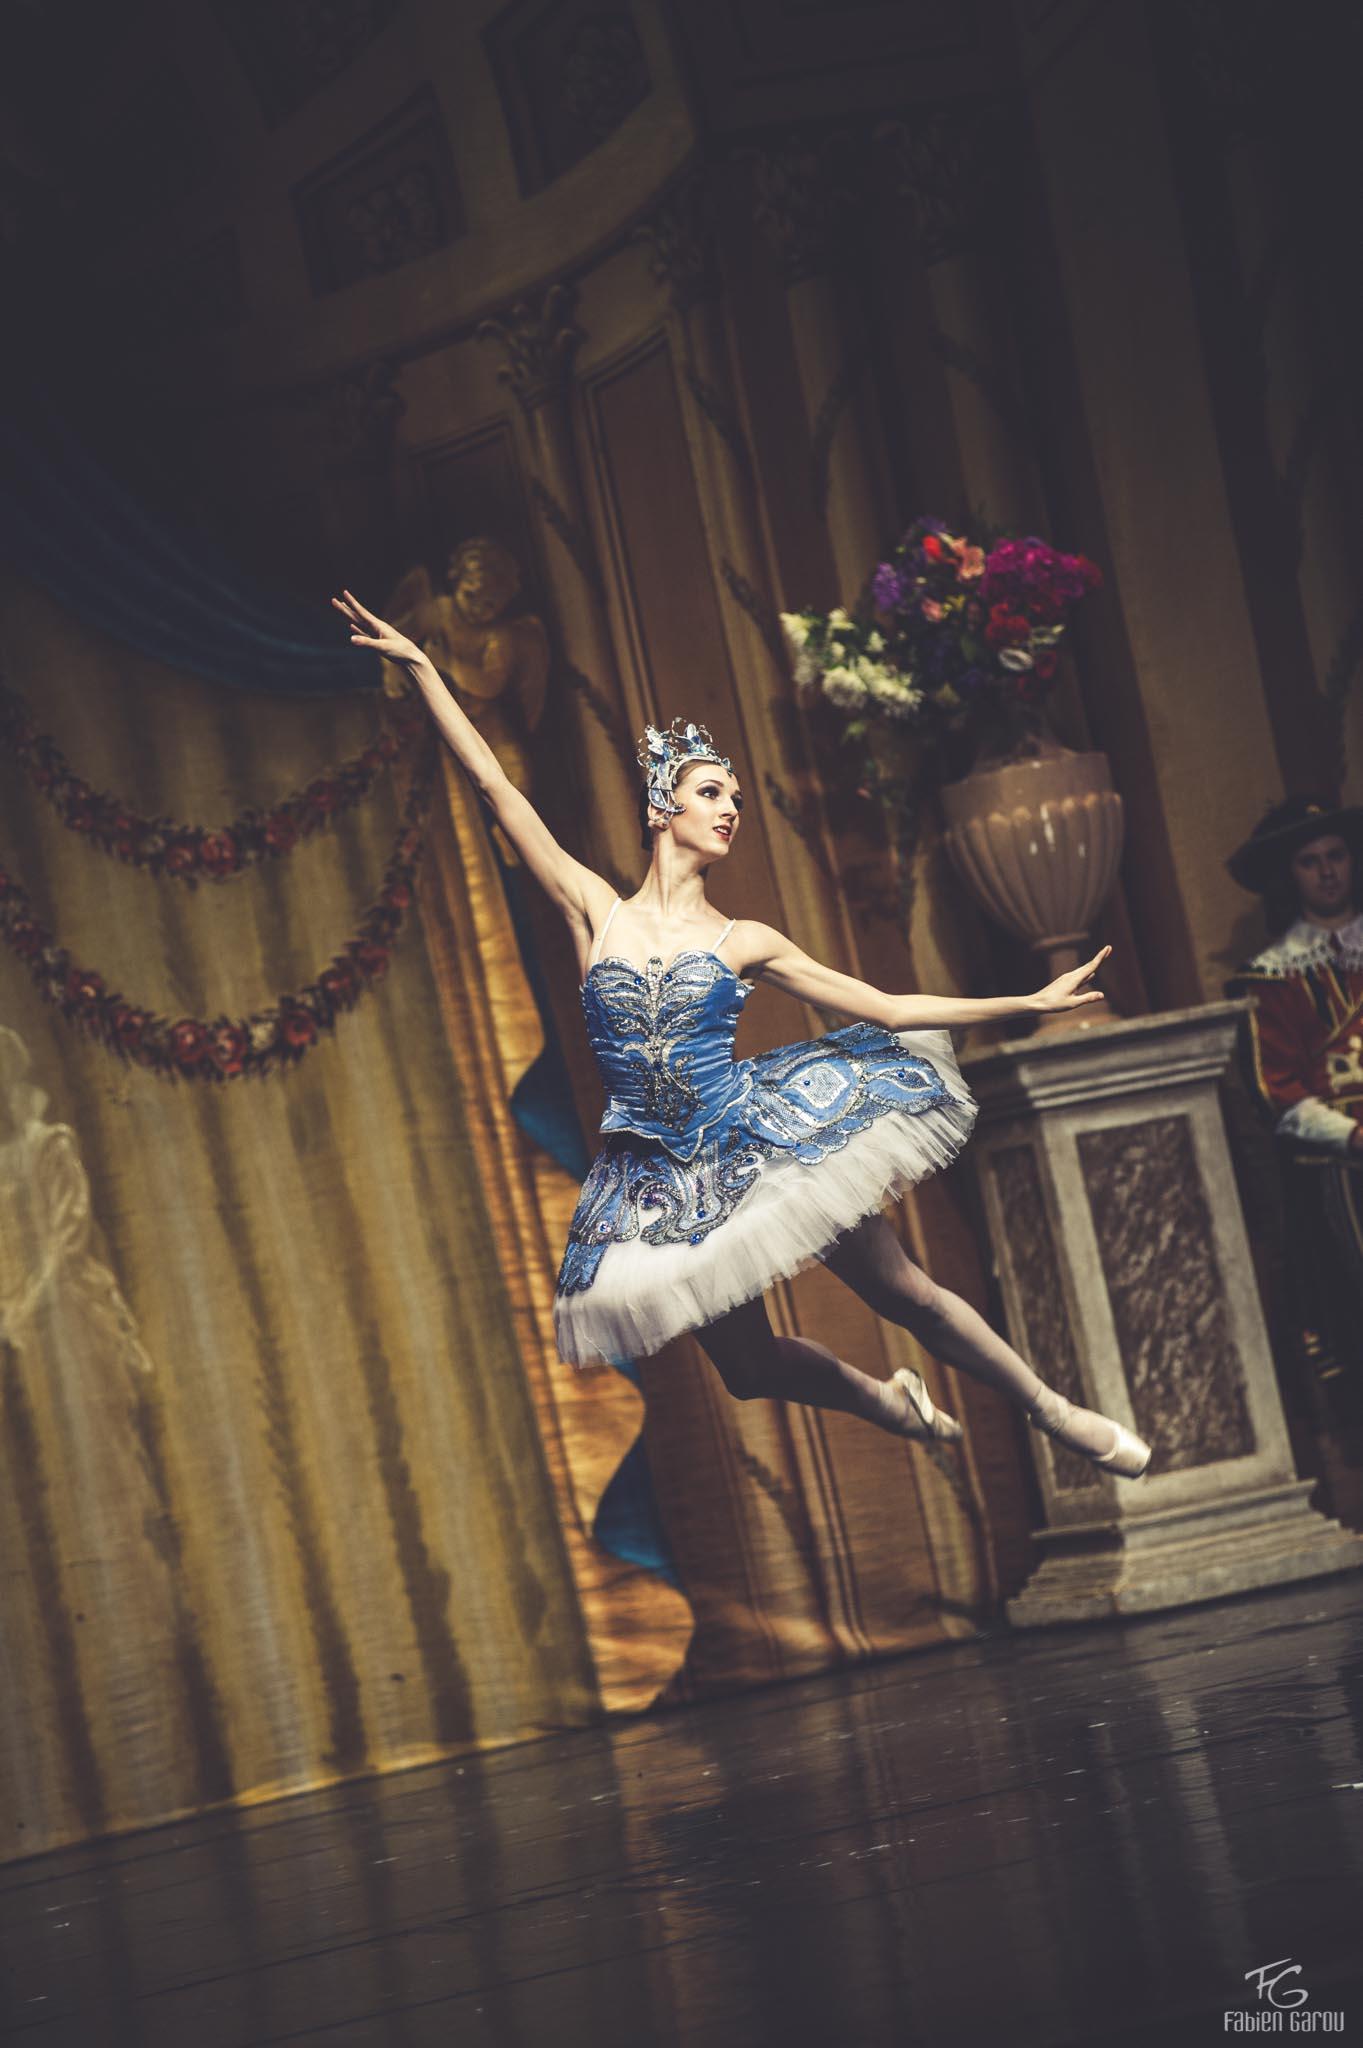 Ballet de St Petersbourg - Fabien Garou Photographie